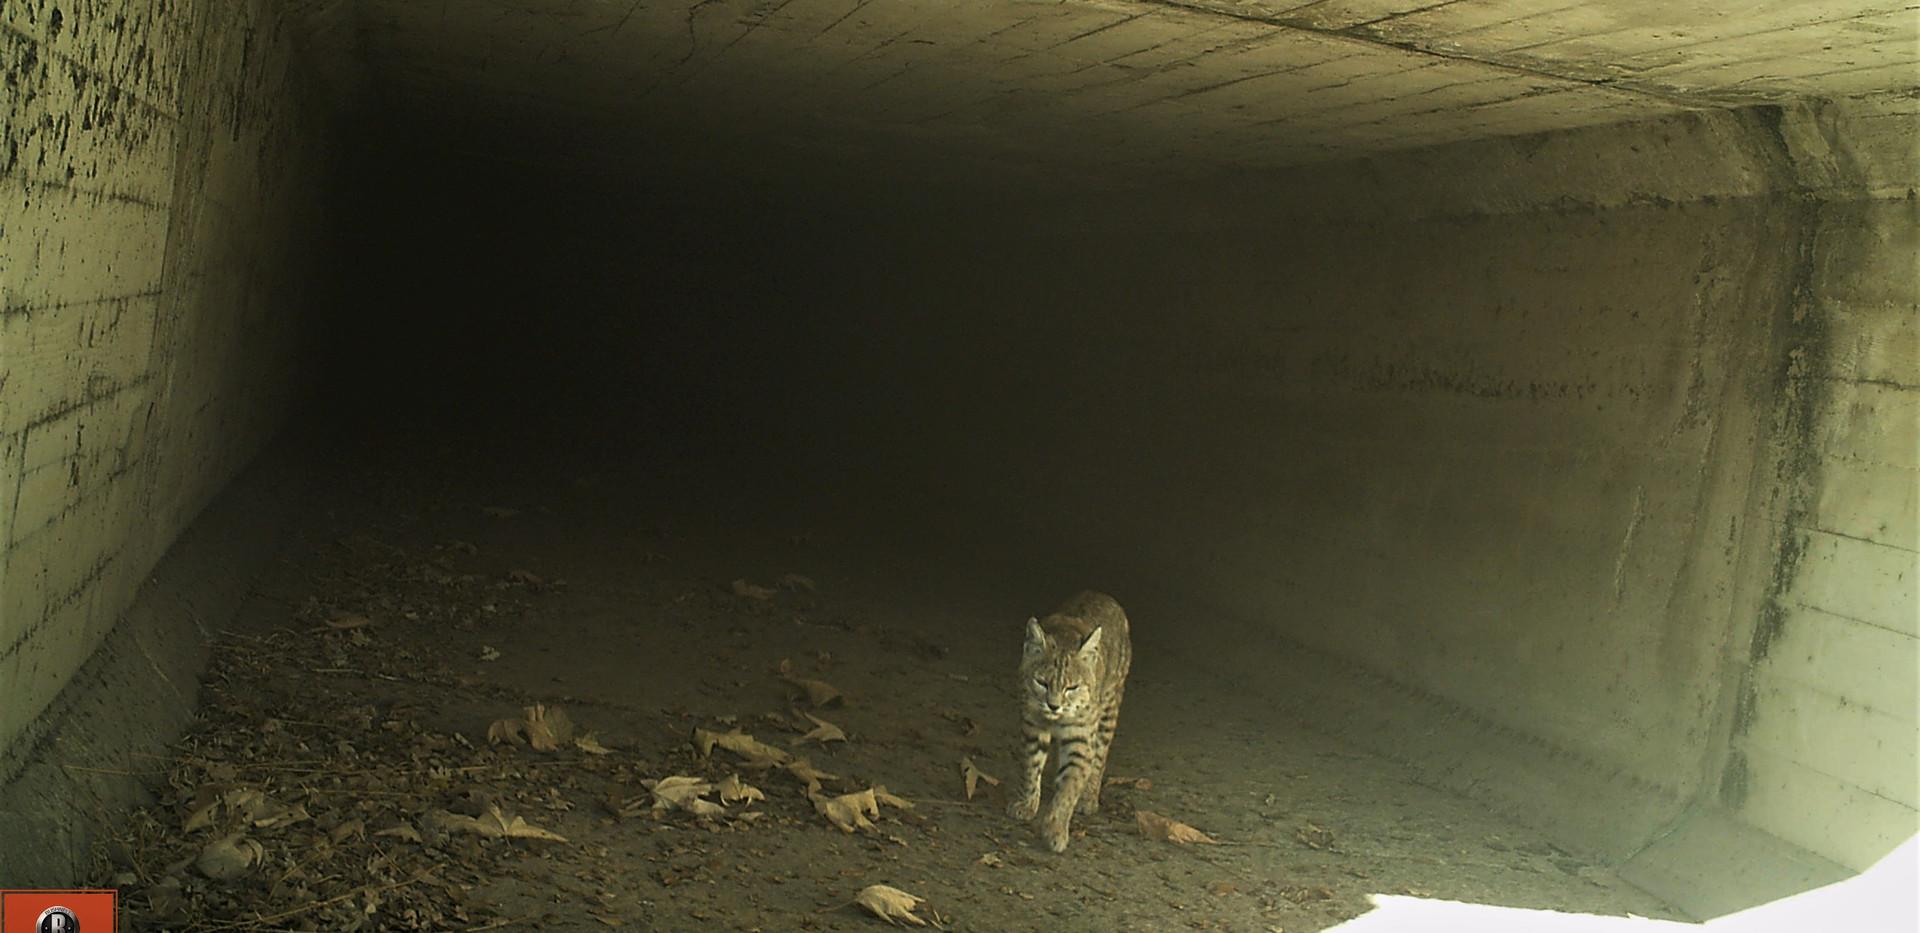 Bobcat .jpg